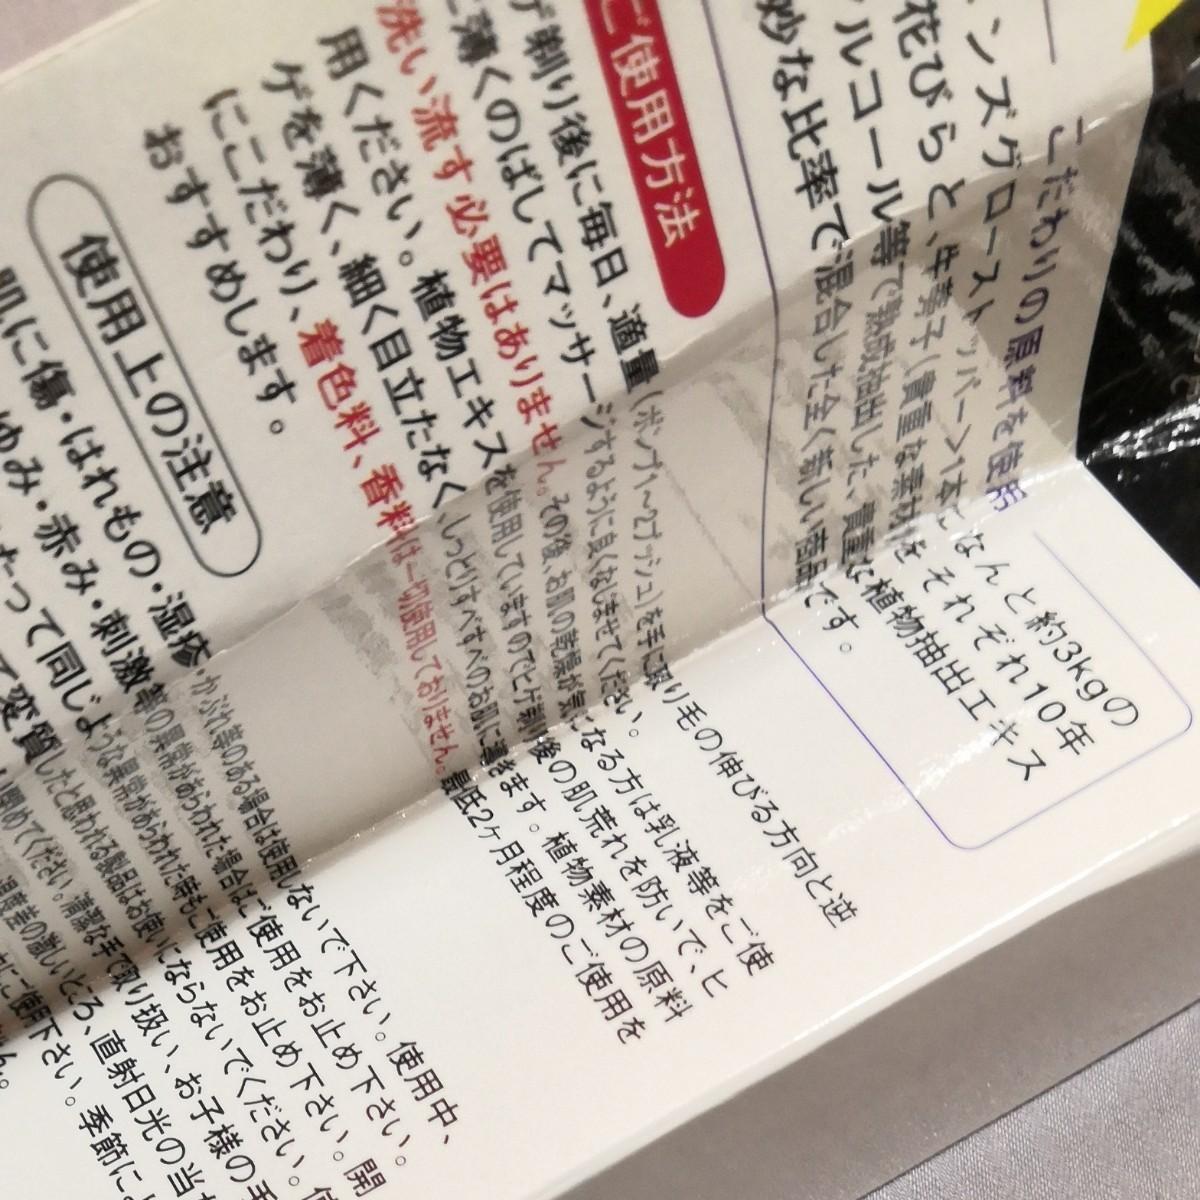 ツムラ モウガ 育毛剤 漲(ミナギ)120mL【医薬部外品】とメンズグローストッパー お徳用 40ml のおまけ付き